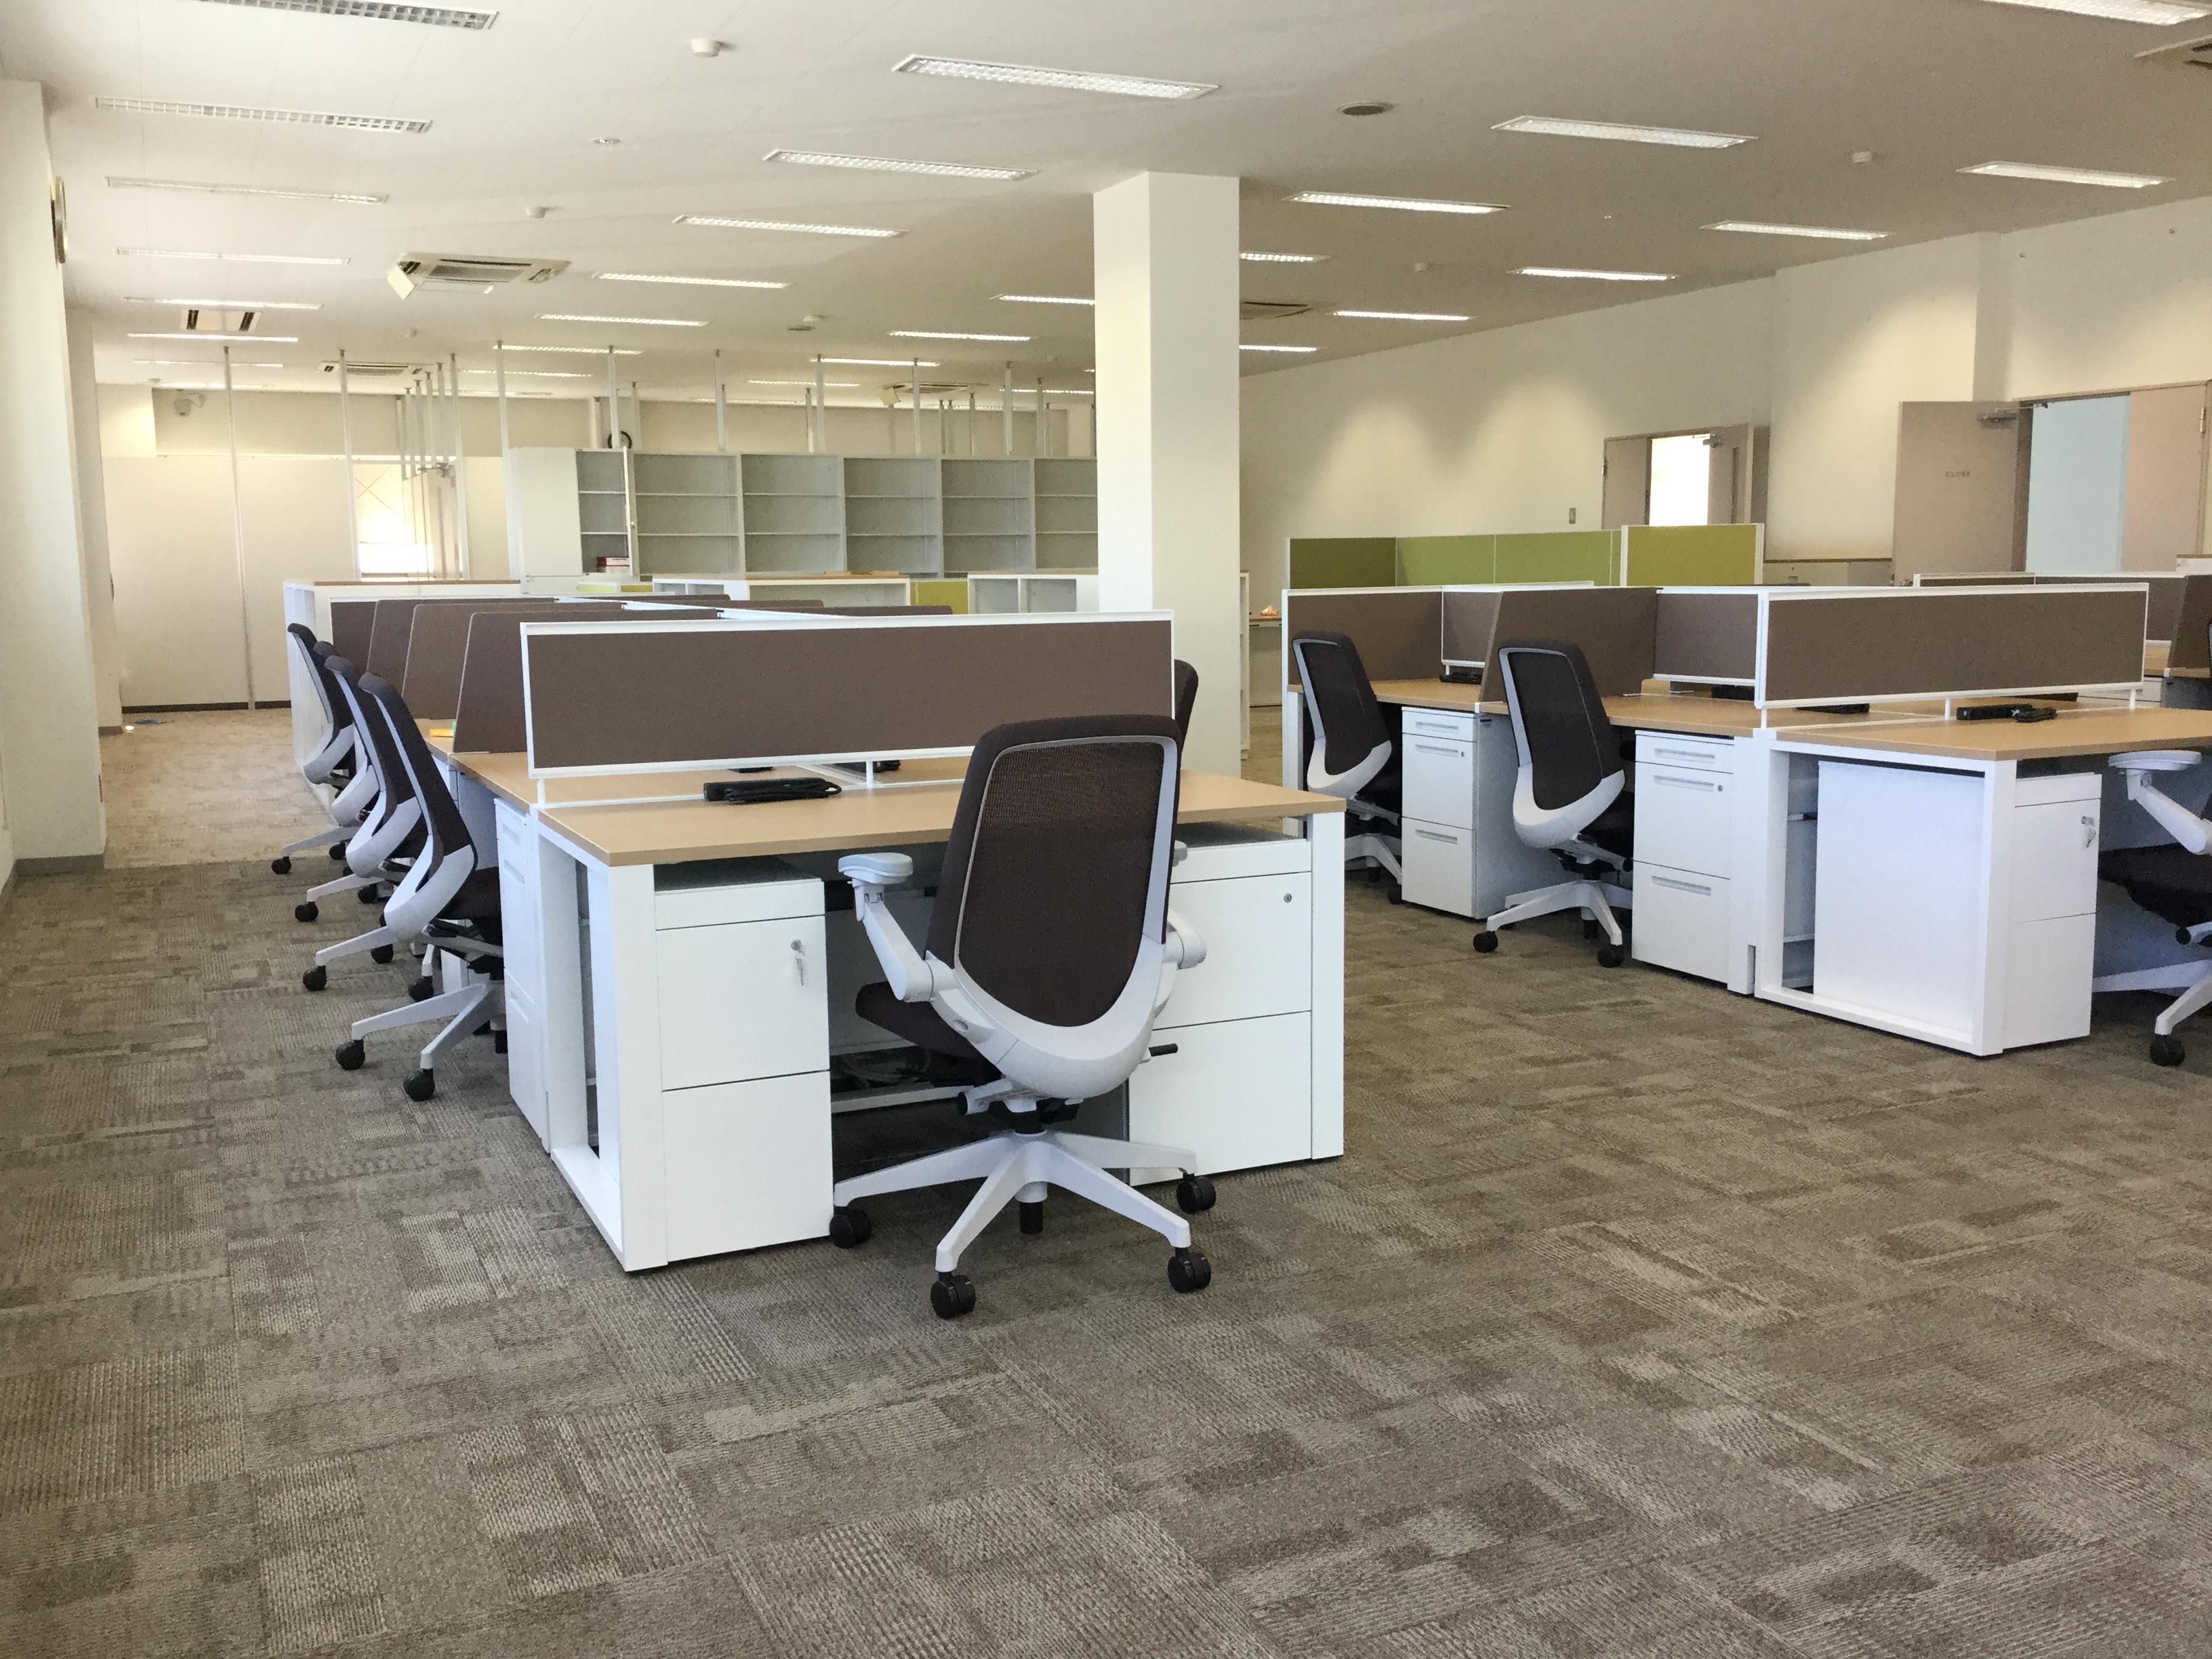 業務効率も居心地も良い快適なオフィスへの転換